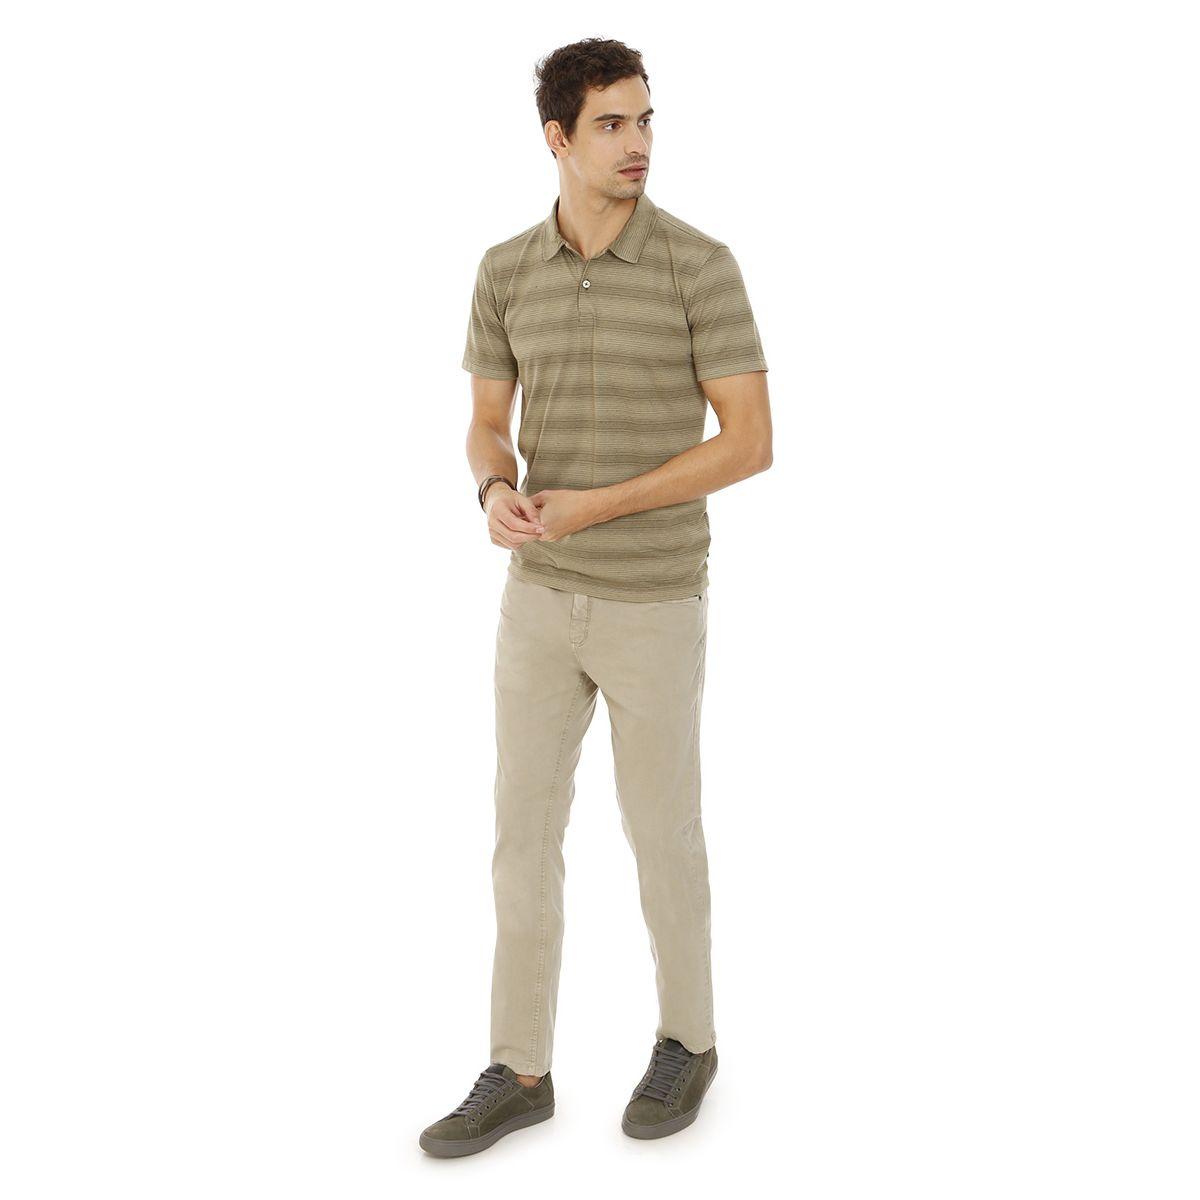 Calca-5-Pockets-Khaki---40